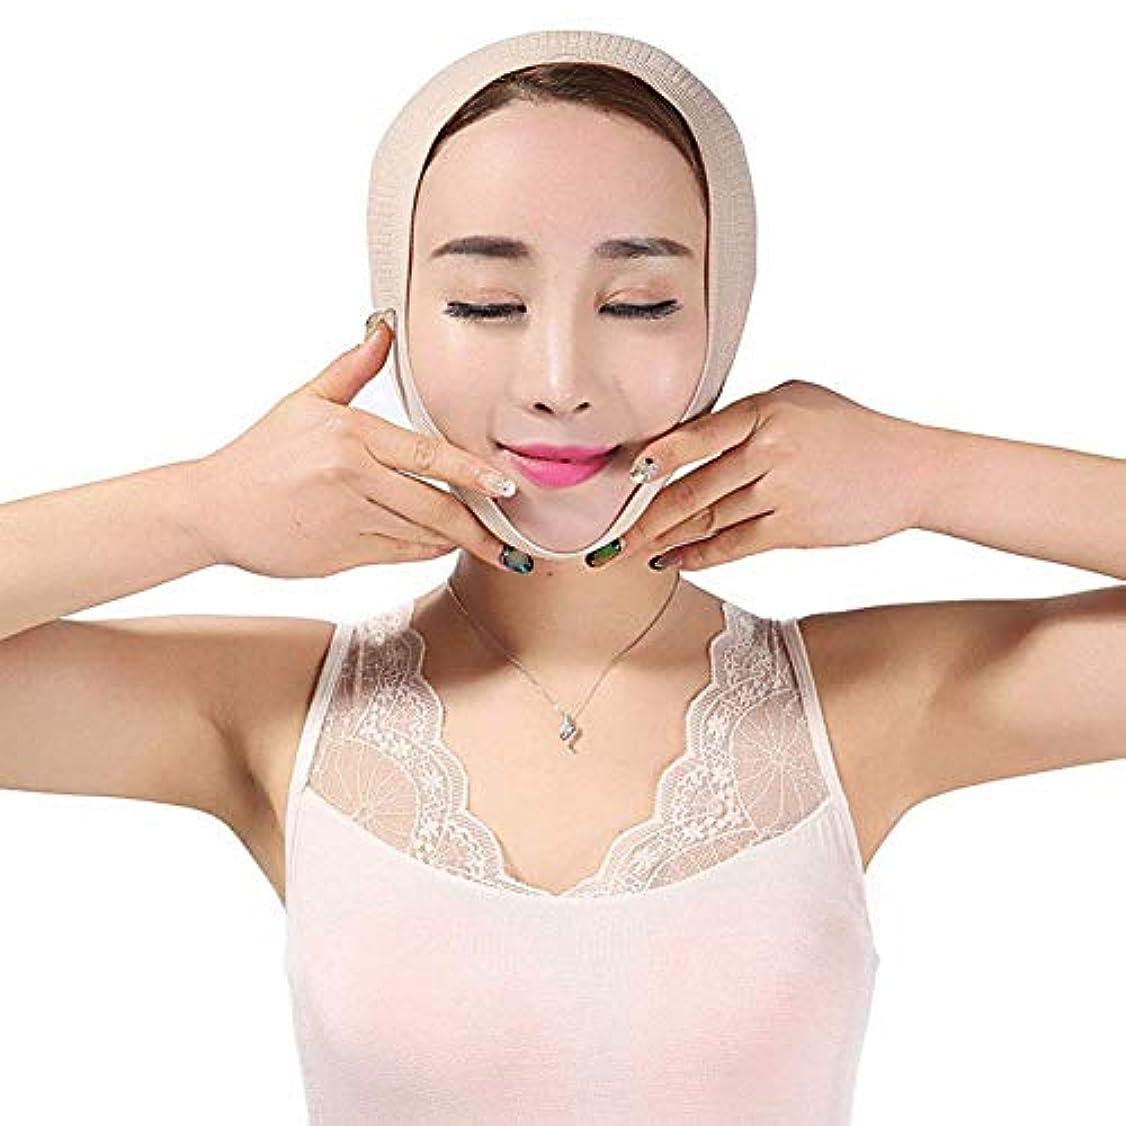 フェイスリフティング包帯、リフティングアーチファクトのある薄いフェイスマスク付きフェイスフェイス/フェイスリフティングプルVフェイスライン、通気性ストレッチ